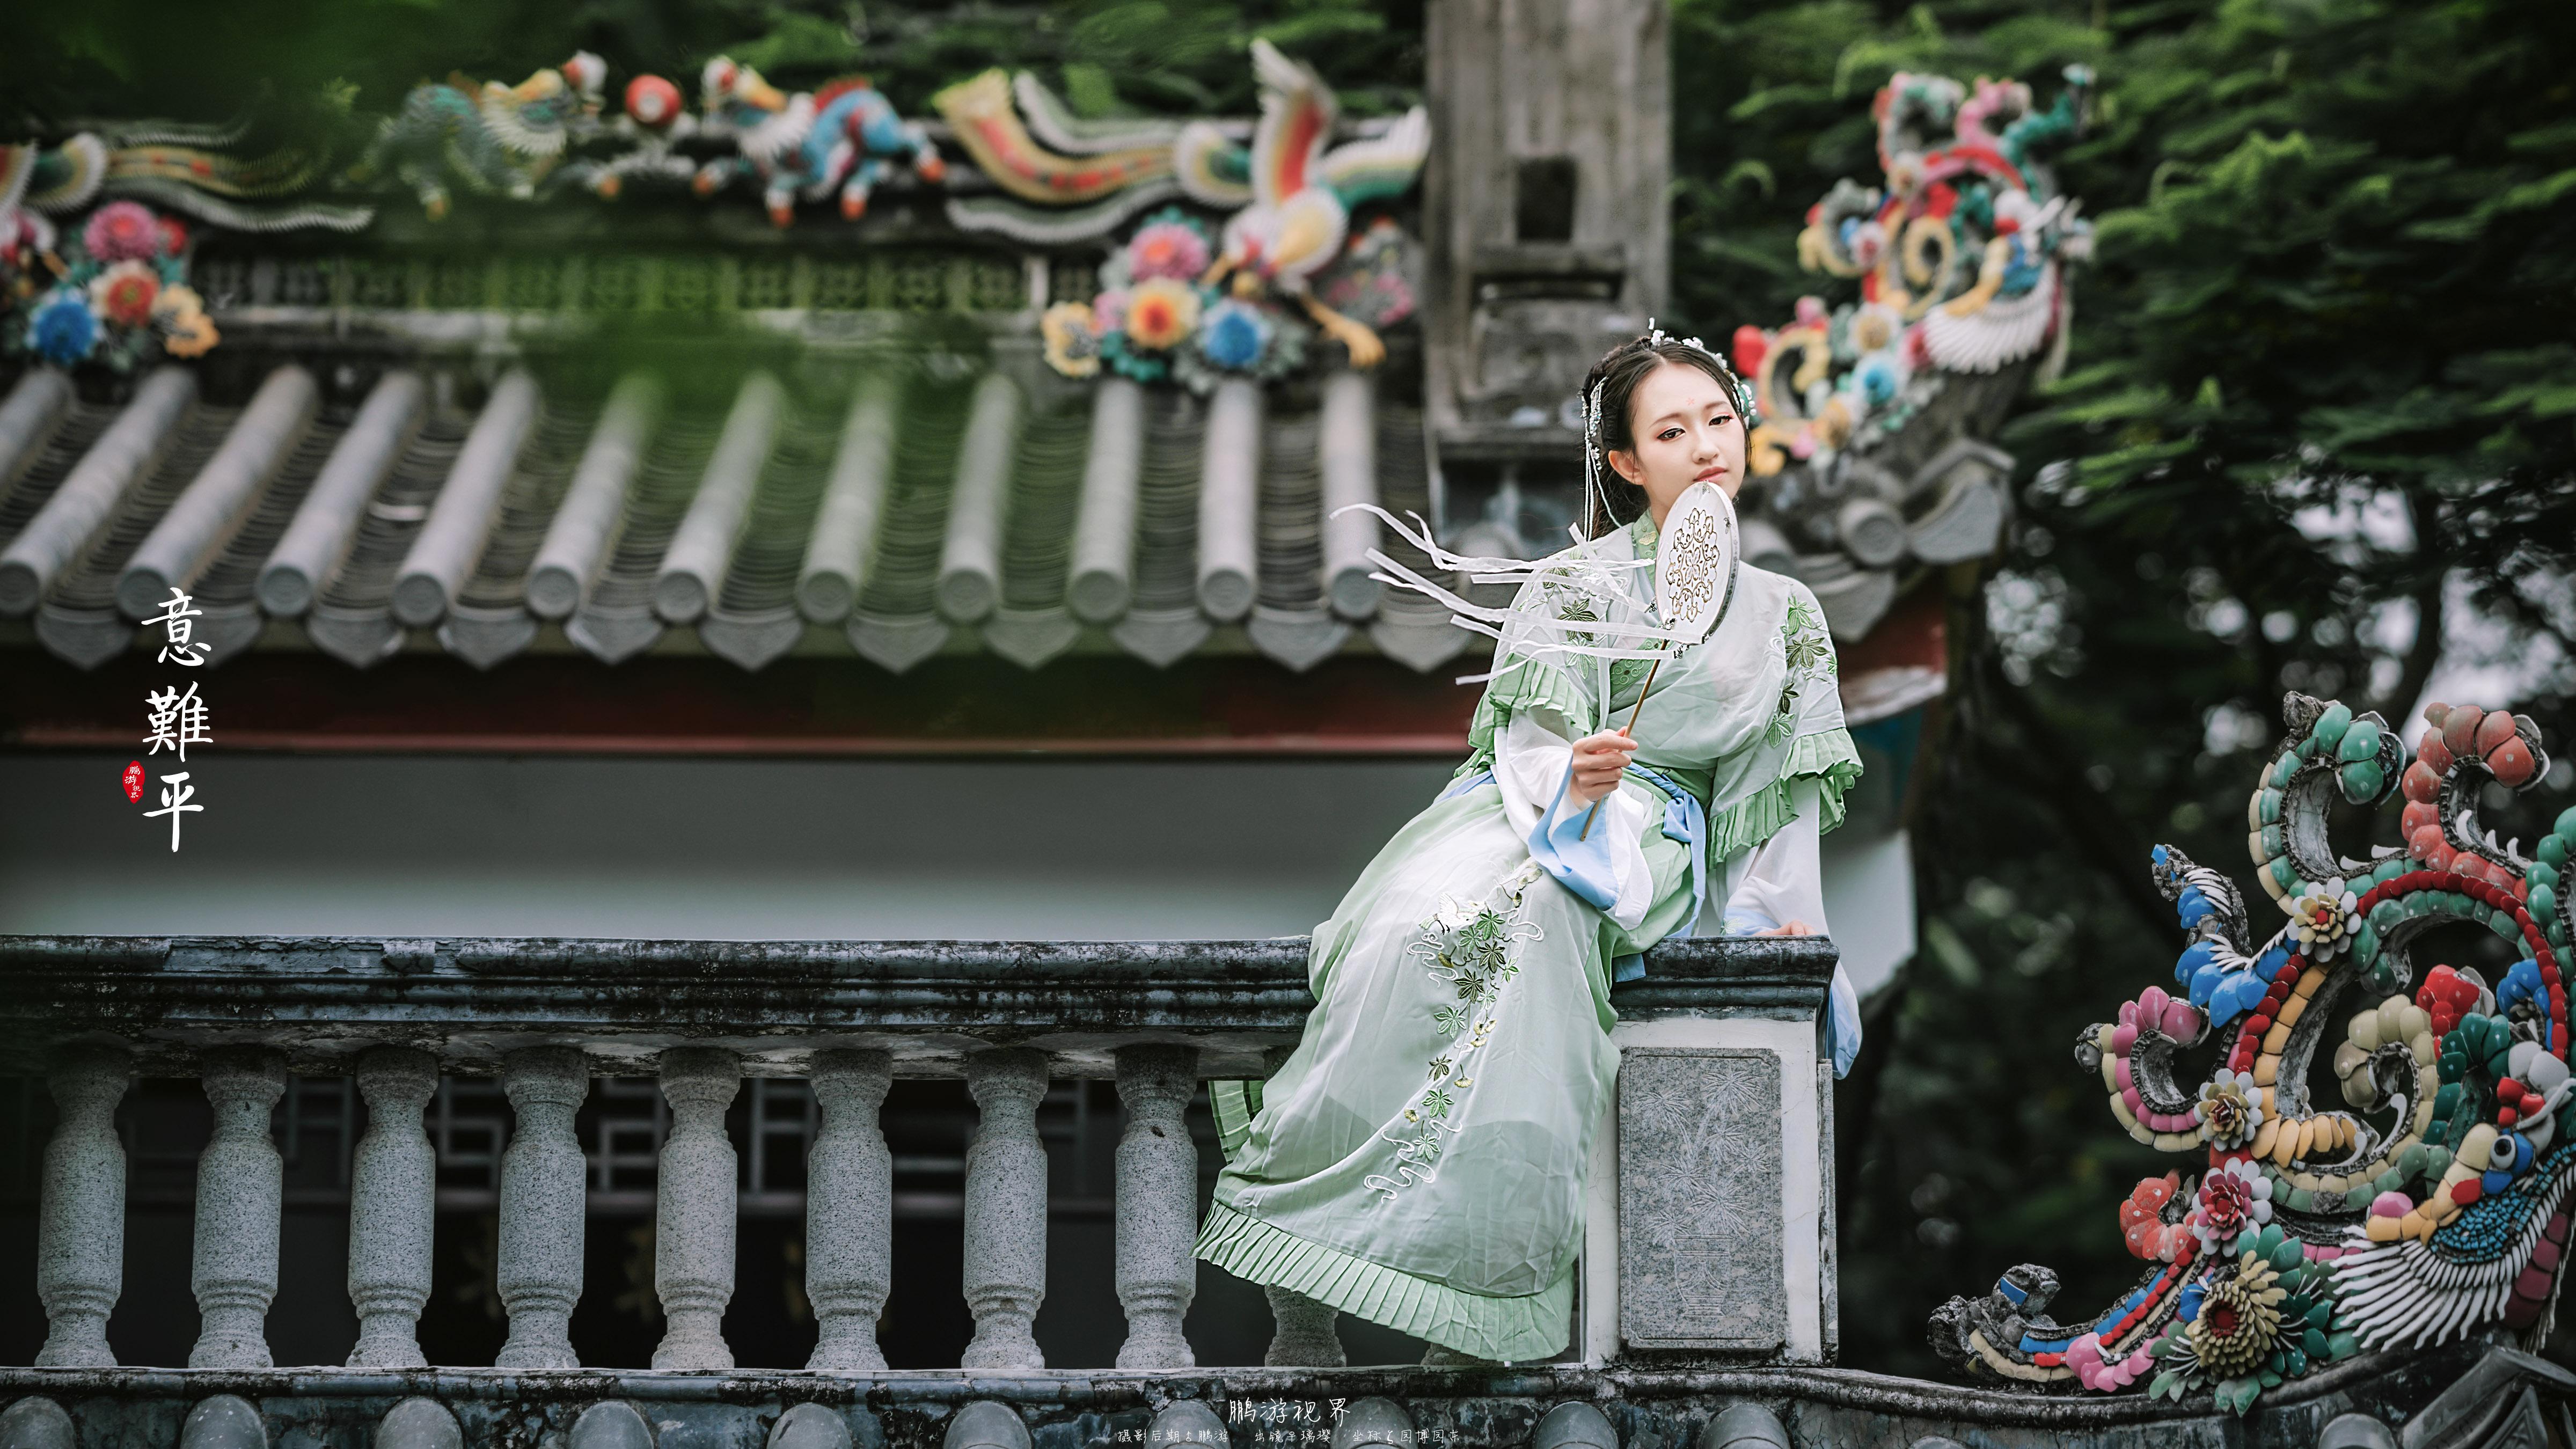 【璃璎】陈情令✿ 意难平 ✿敬天下最好的师姐~试跳翻跳古风舞汉服✿白小白老师版~